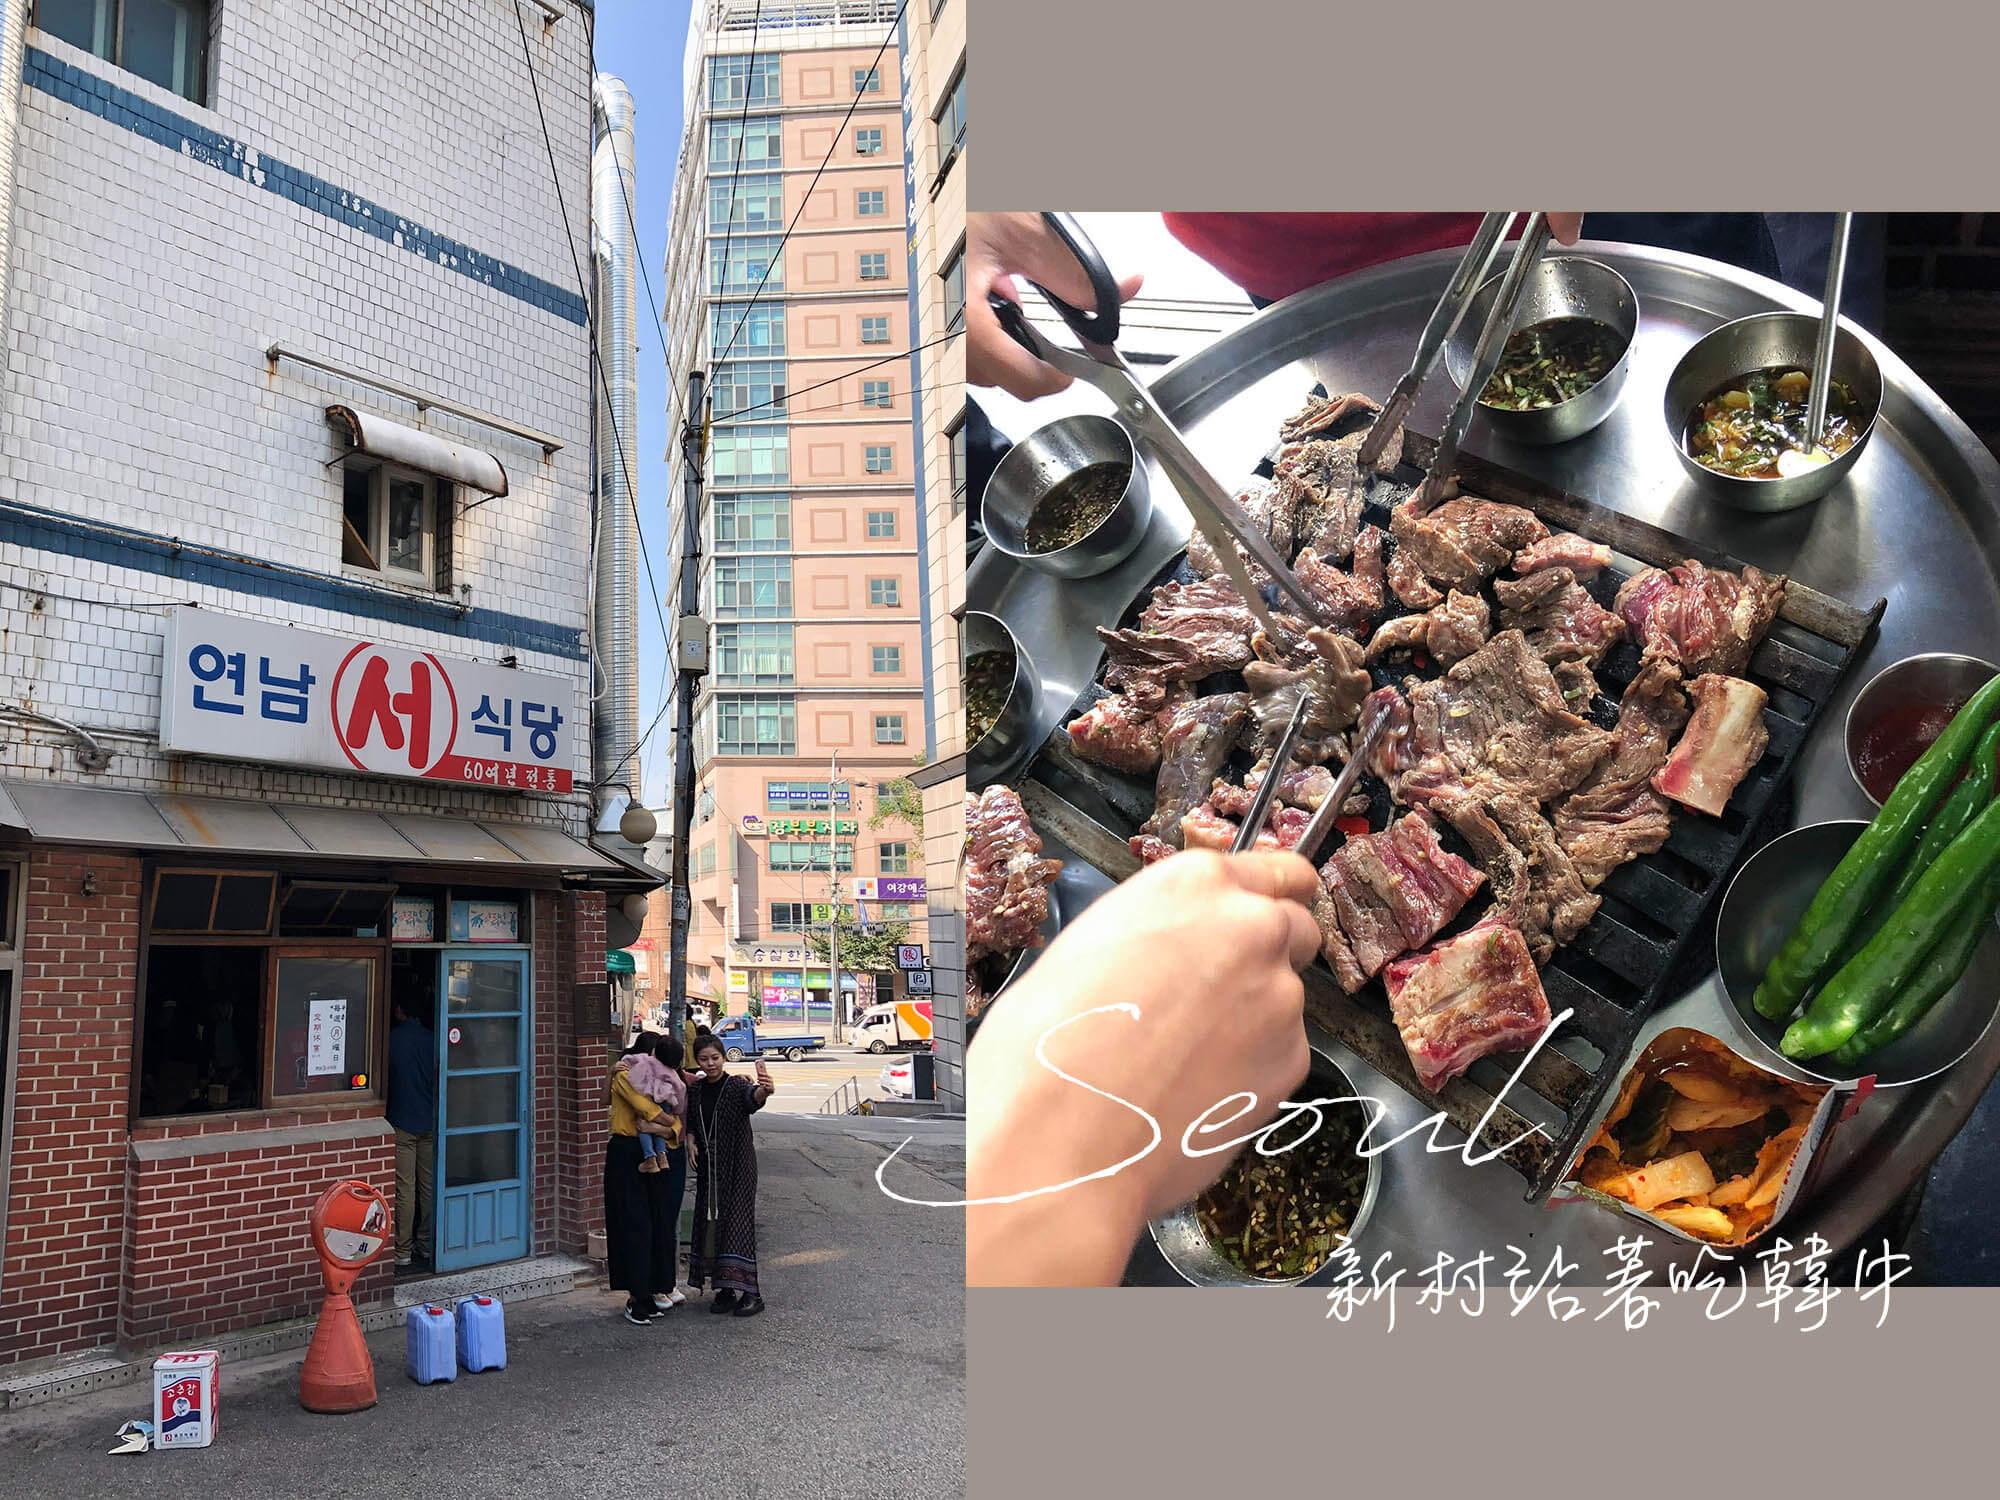 首爾新村美食|吃「新村站著吃韓牛」前的注意事項。那個肉、醬汁,簡直人間美味!